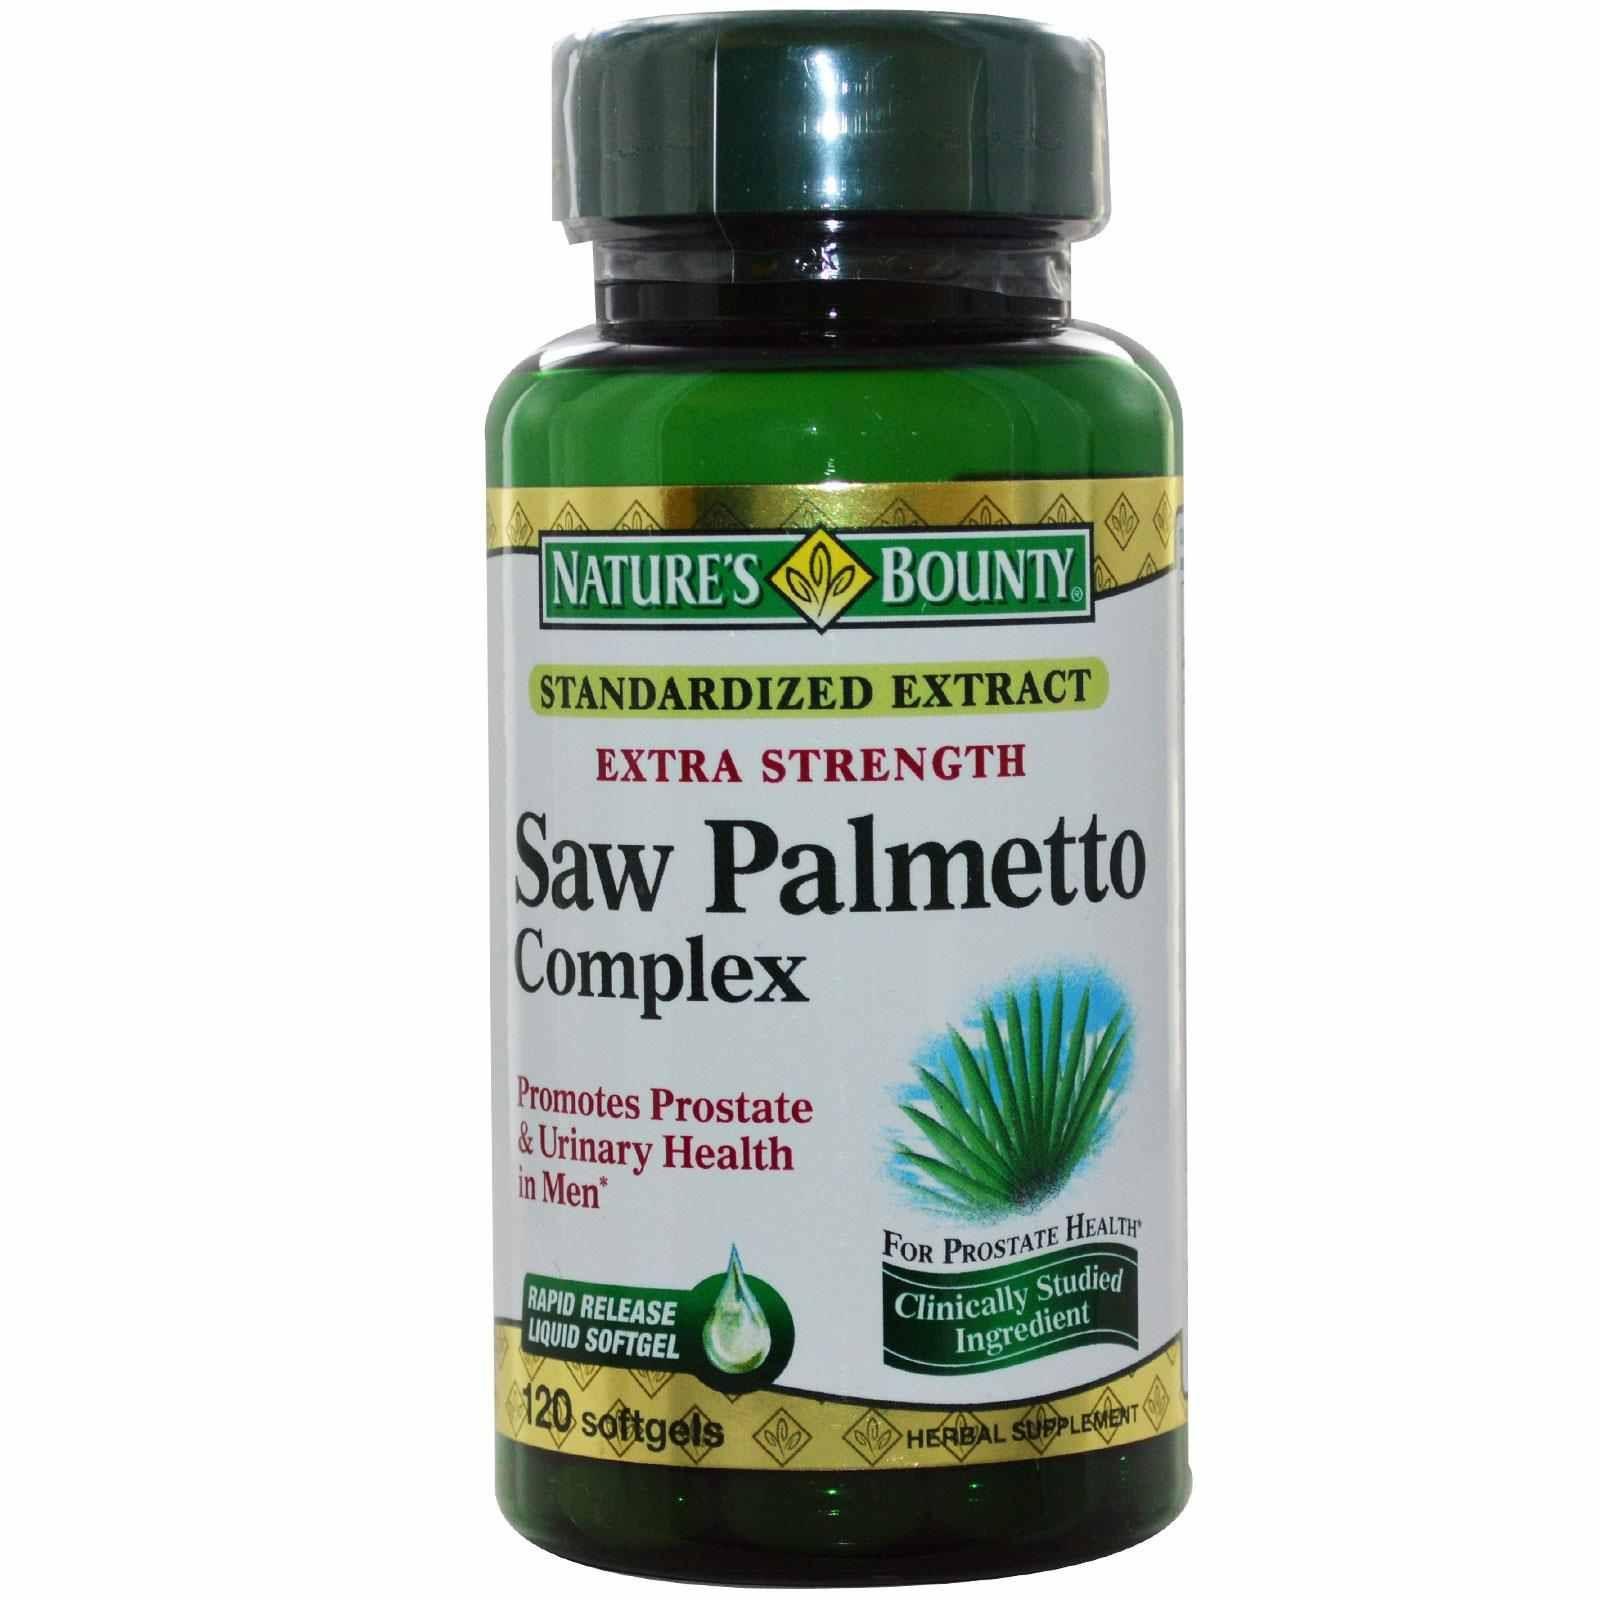 للرجل Saw Palmetto وسرعة القذف والبروستاتا موسوعة Herbalism Urinary Health Health